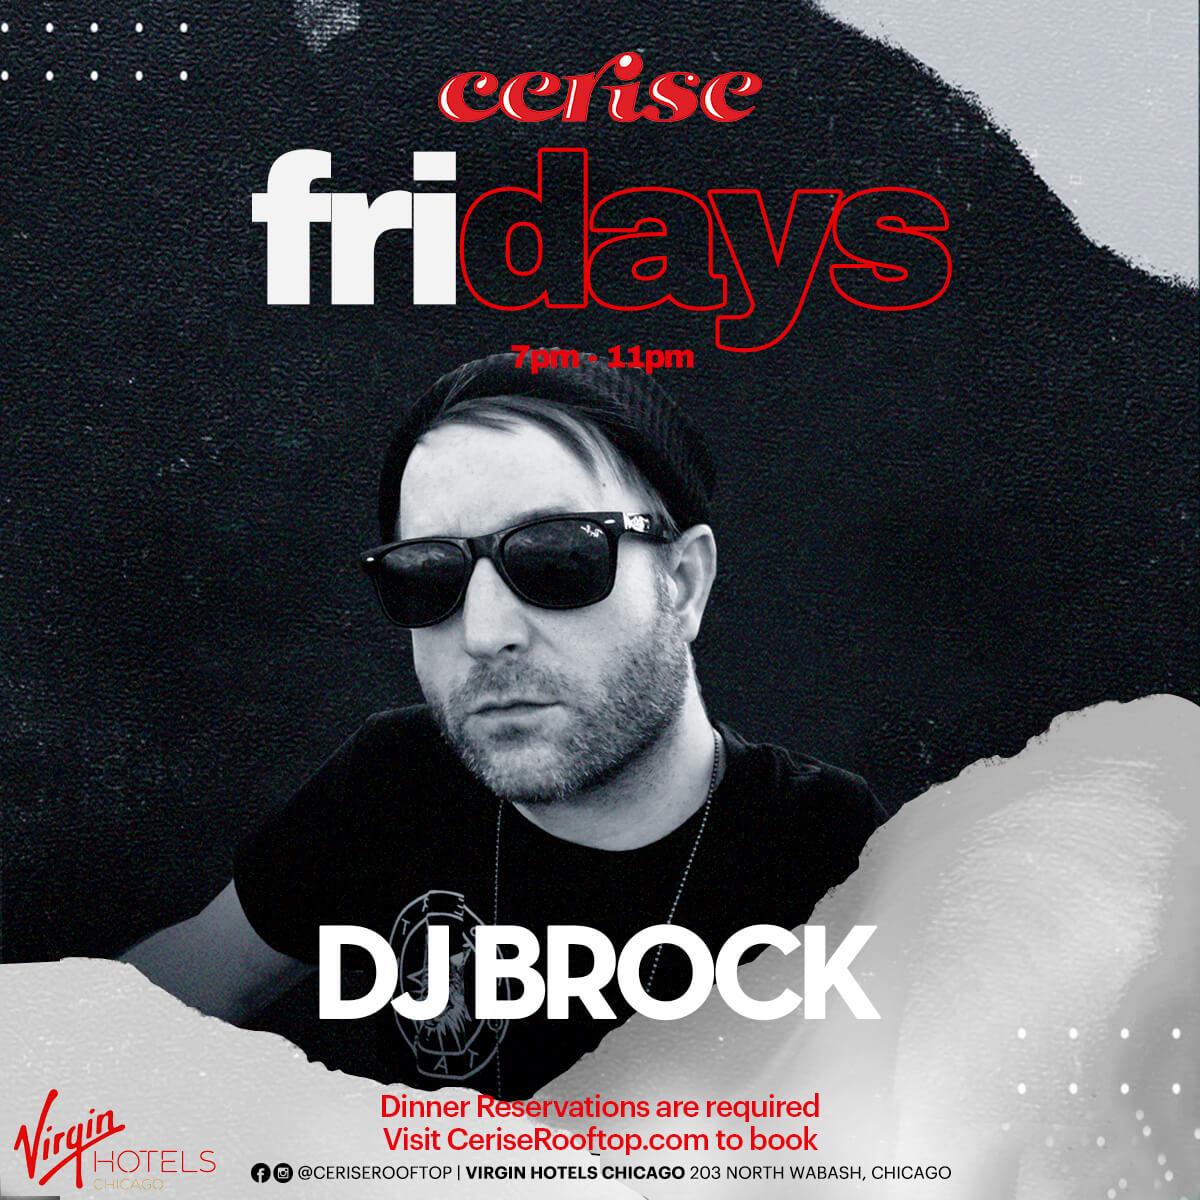 DJ Brock at Cerise